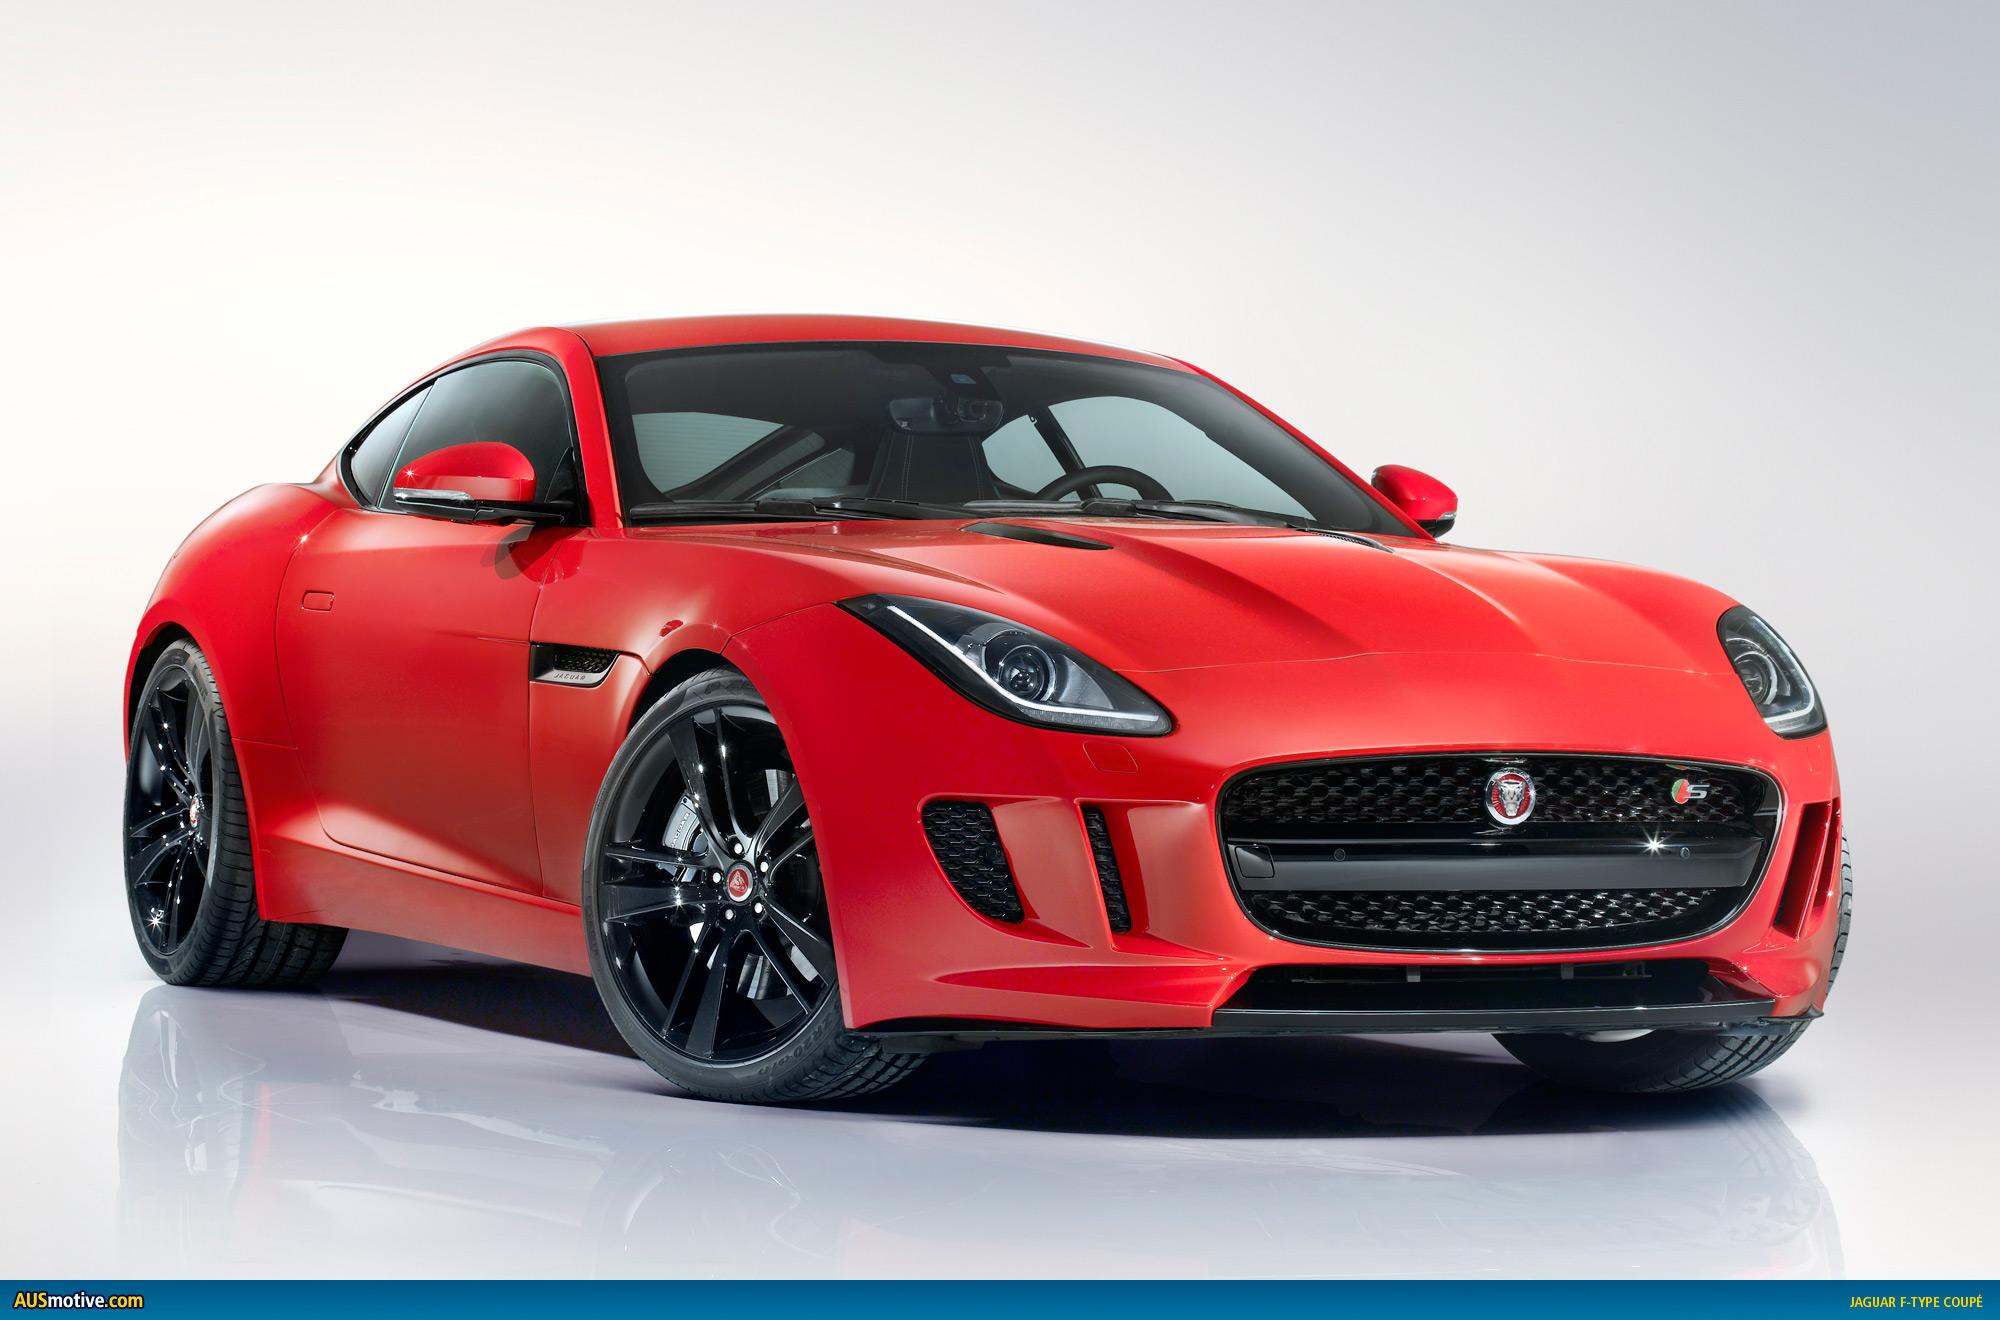 AUSmotive.com » LA 2013: Jaguar F-Type Coupé revealed